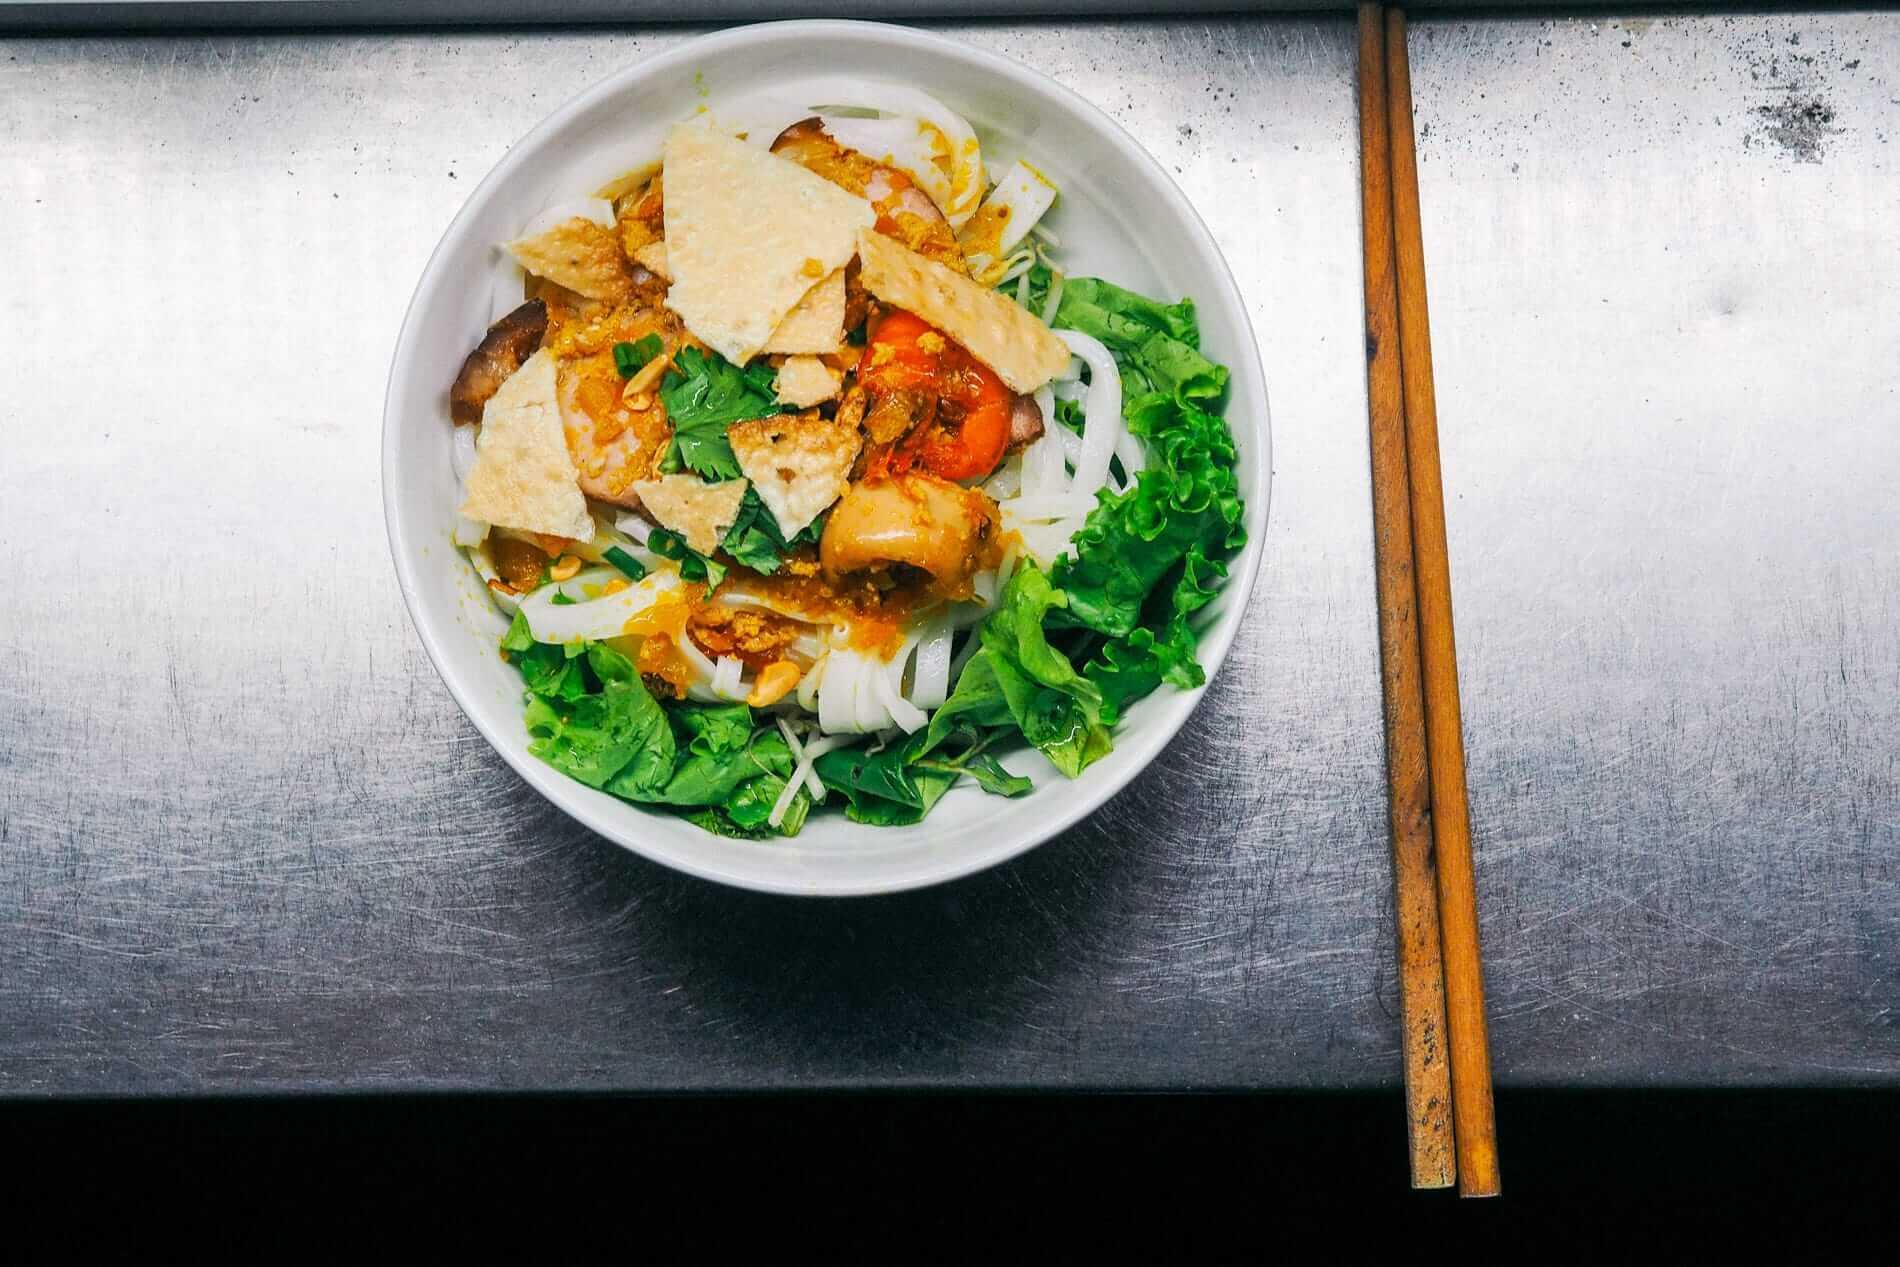 Central Vietnam's Mi Quang noodles